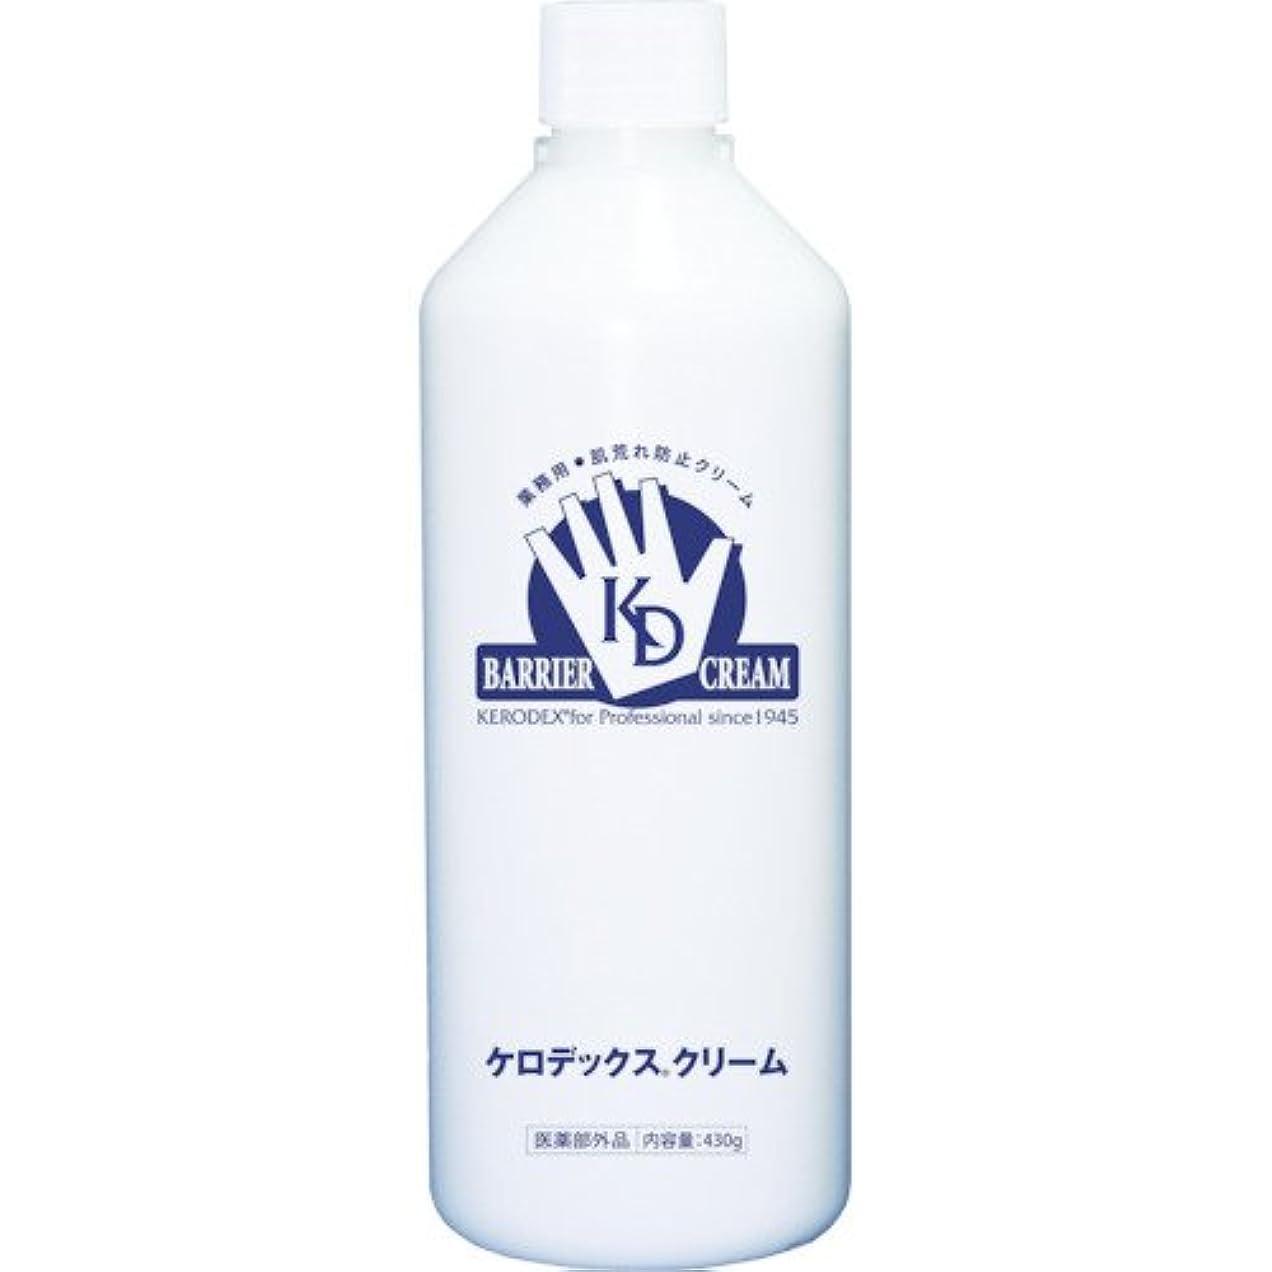 見積りとまり木スキッパーケロデックスクリーム ボトルタイプ 詰替用 430g